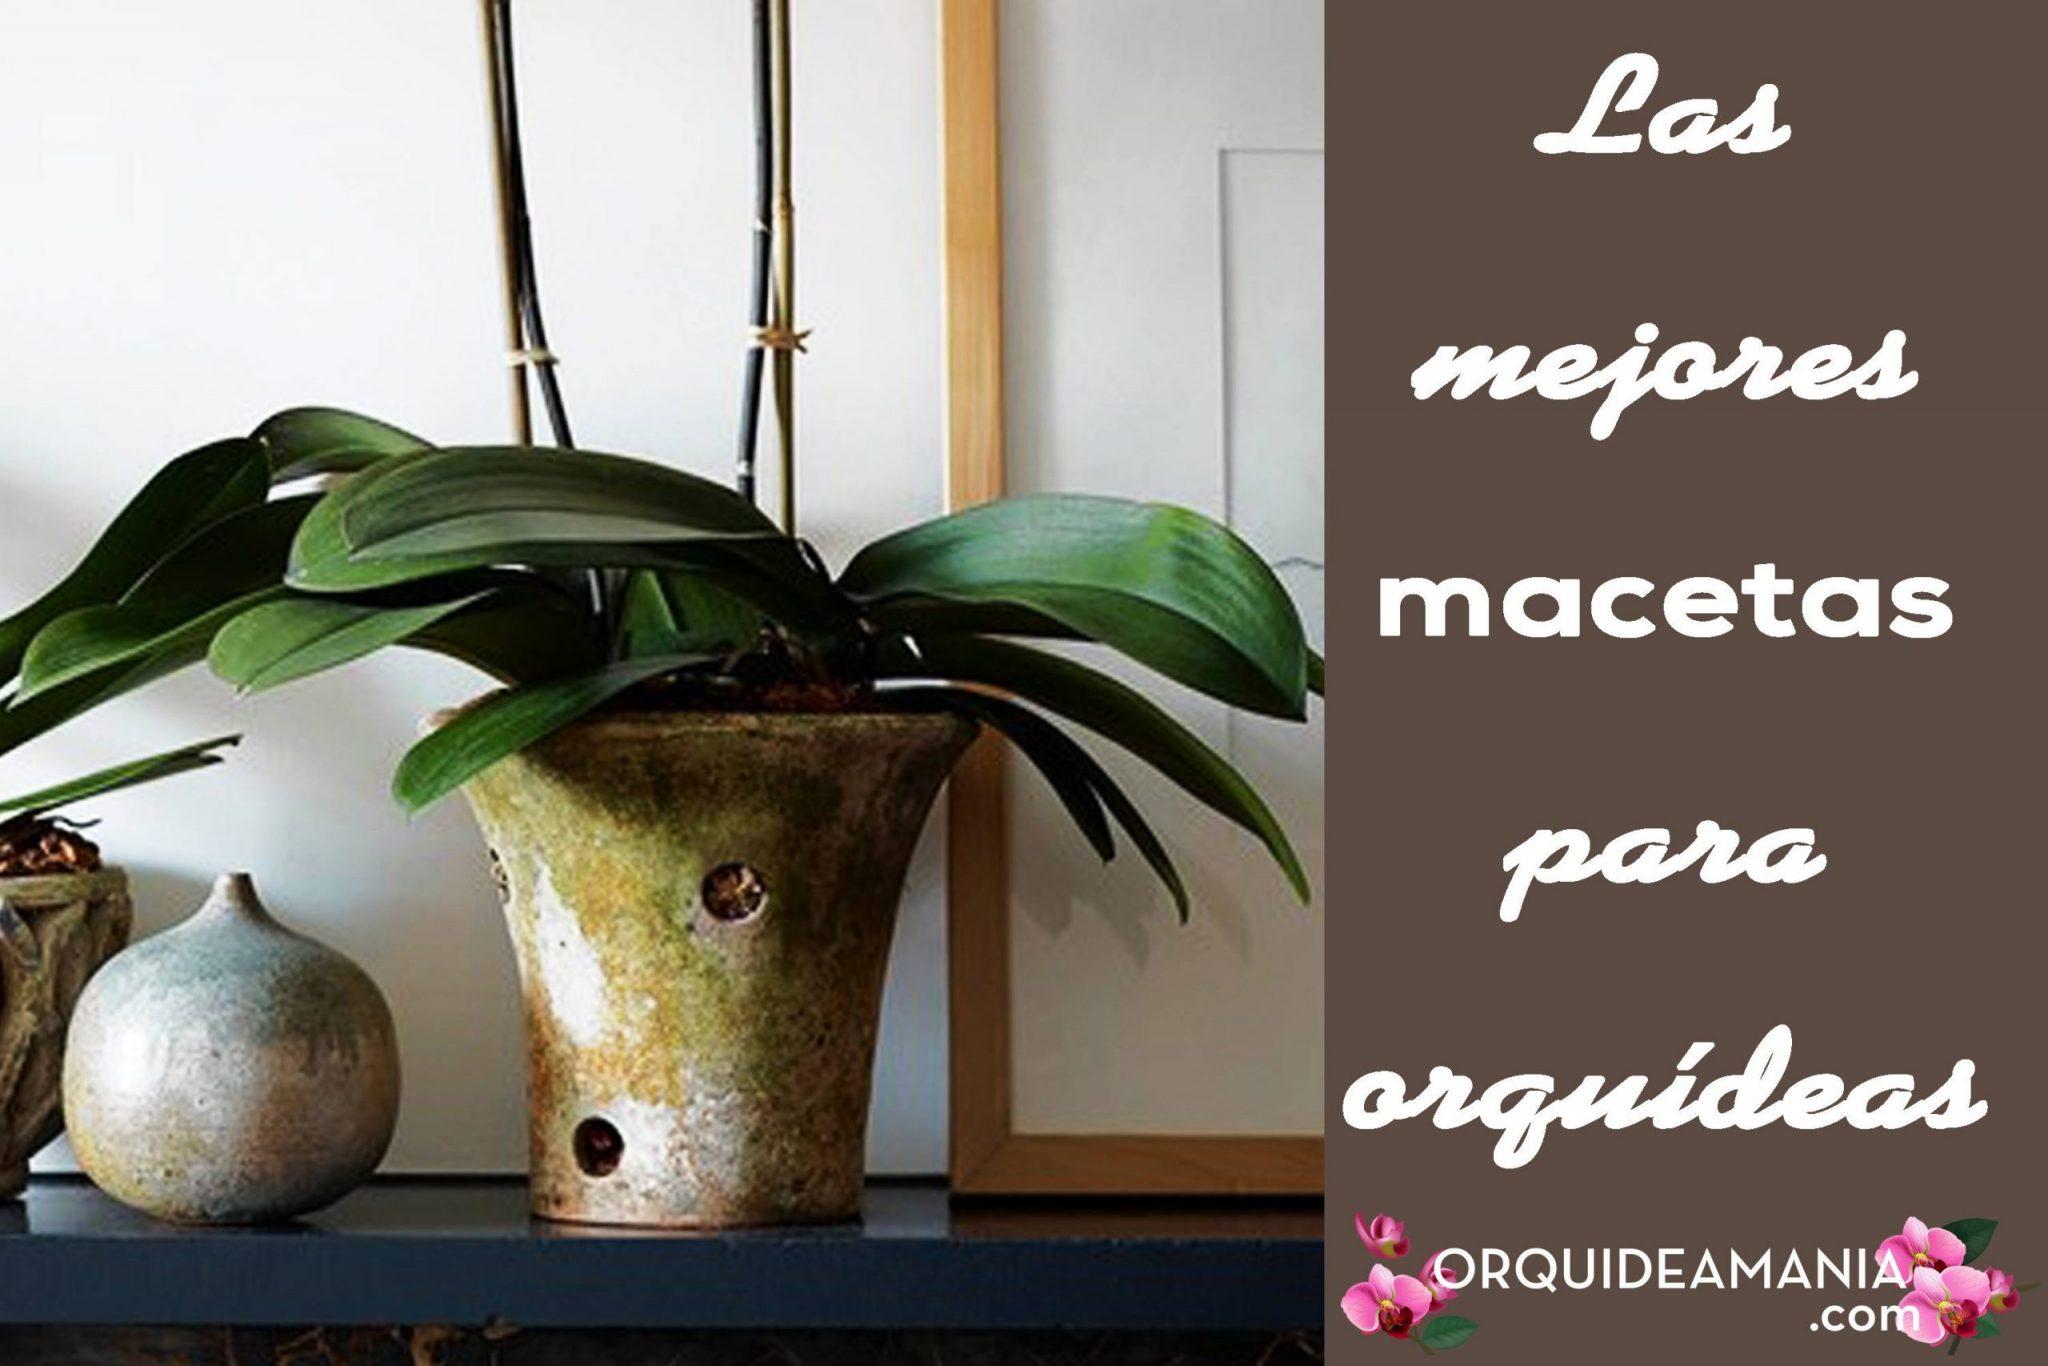 Las Mejores Macetas Para Orquídeas Y Cómo Elegirlas Megaguía